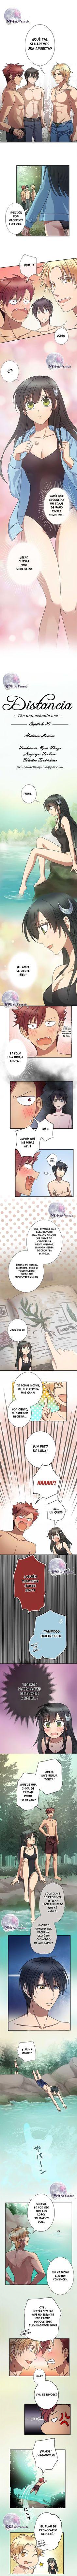 Distancia ~ The Untouchable One Capítulo 20 página 1 - Leer Manga en Español gratis en NineManga.com